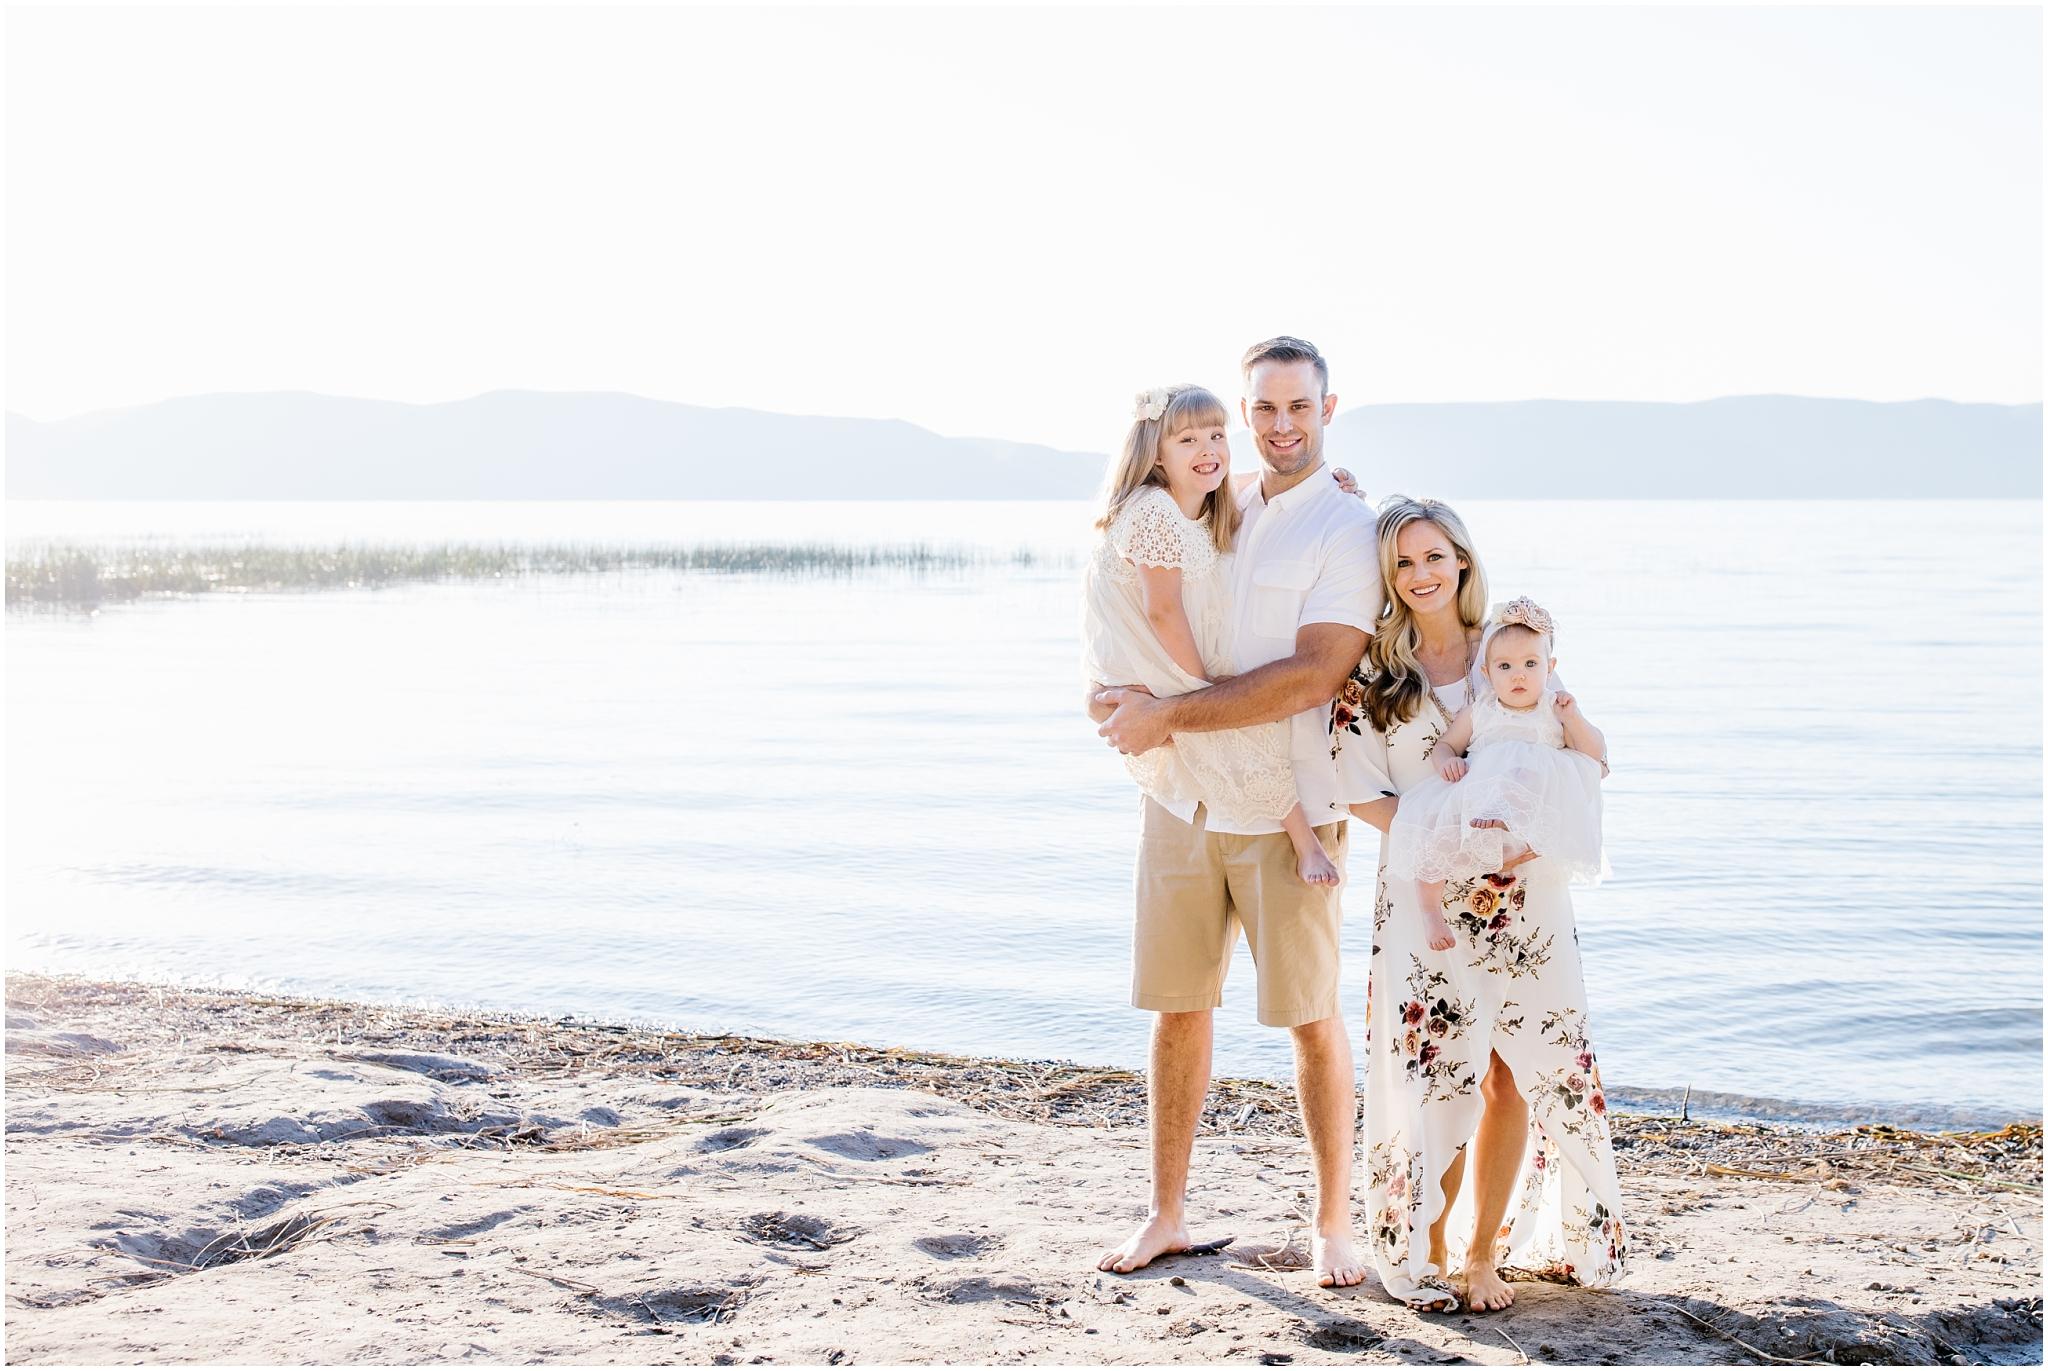 Harris-46_Lizzie-B-Imagery-Utah-Family-Photographer-Park-City-Salt-Lake-City-Bear-Lake-Idaho.jpg